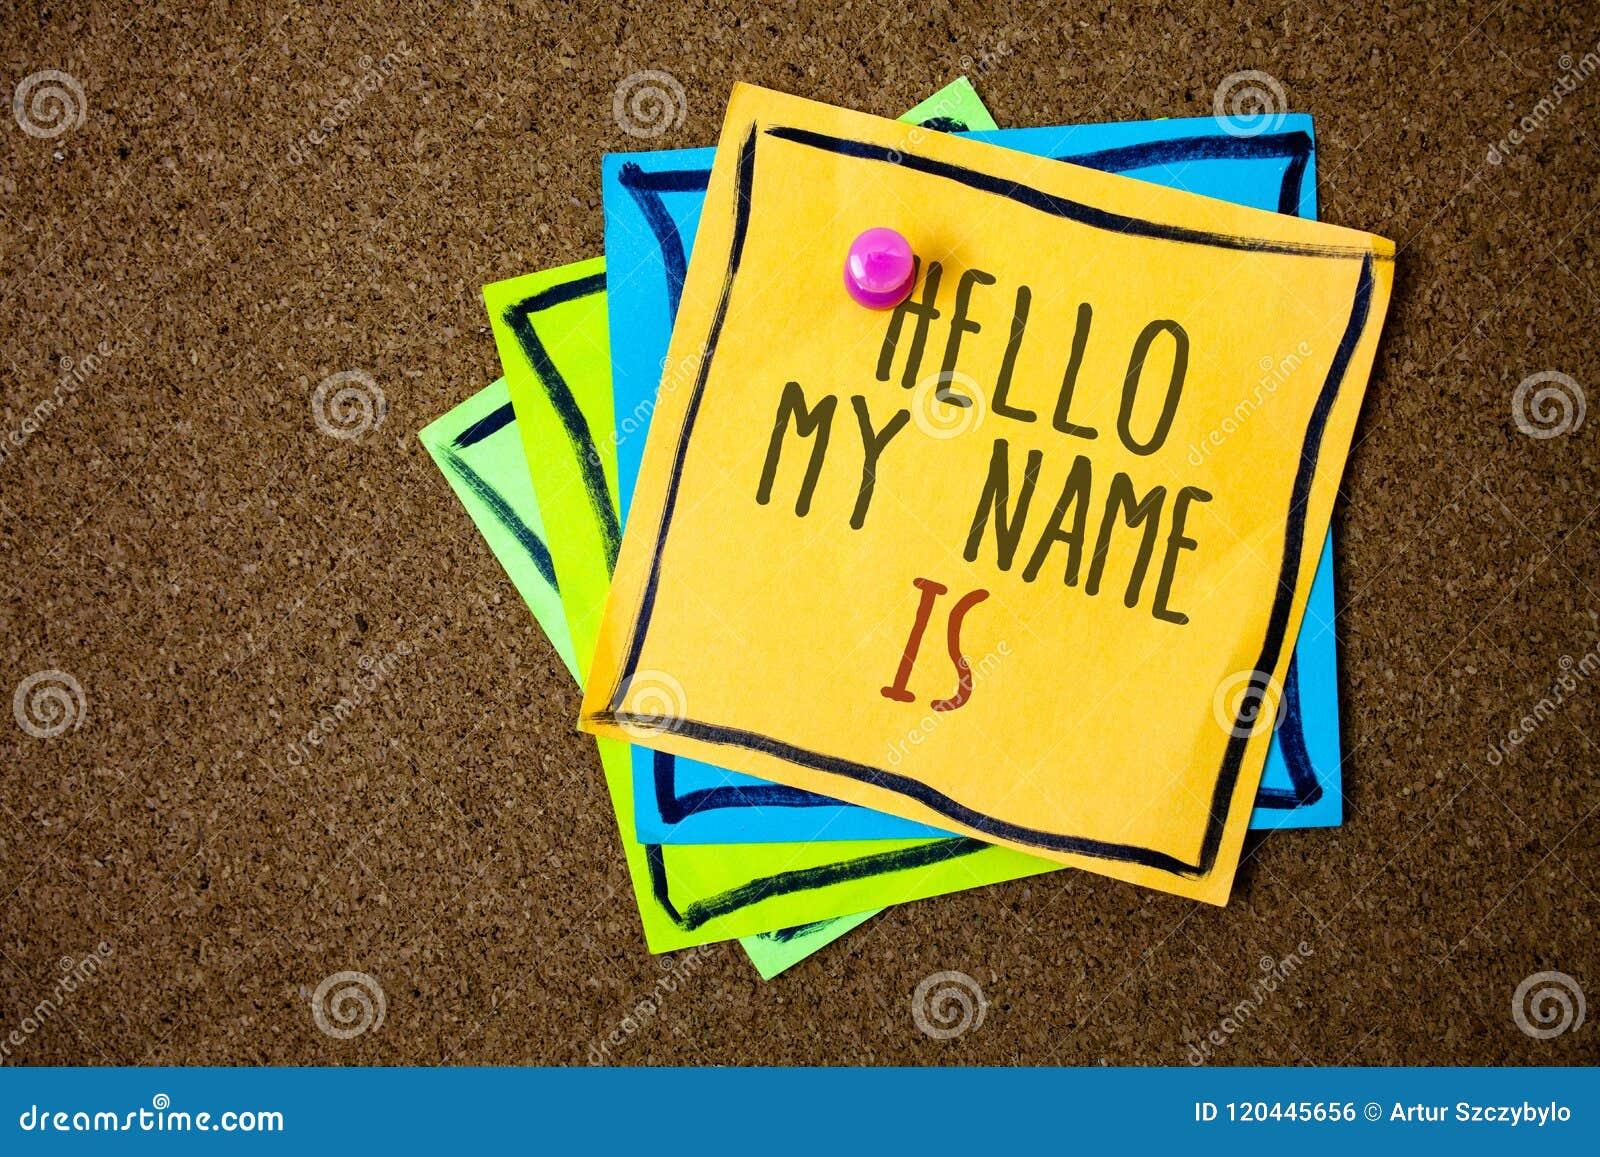 Η σημείωση γραψίματος που παρουσιάζει γειά σου όνομά μου είναι Η επίδειξη επιχειρησιακών φωτογραφιών εισάγεται συνεδρίαση κάποιος